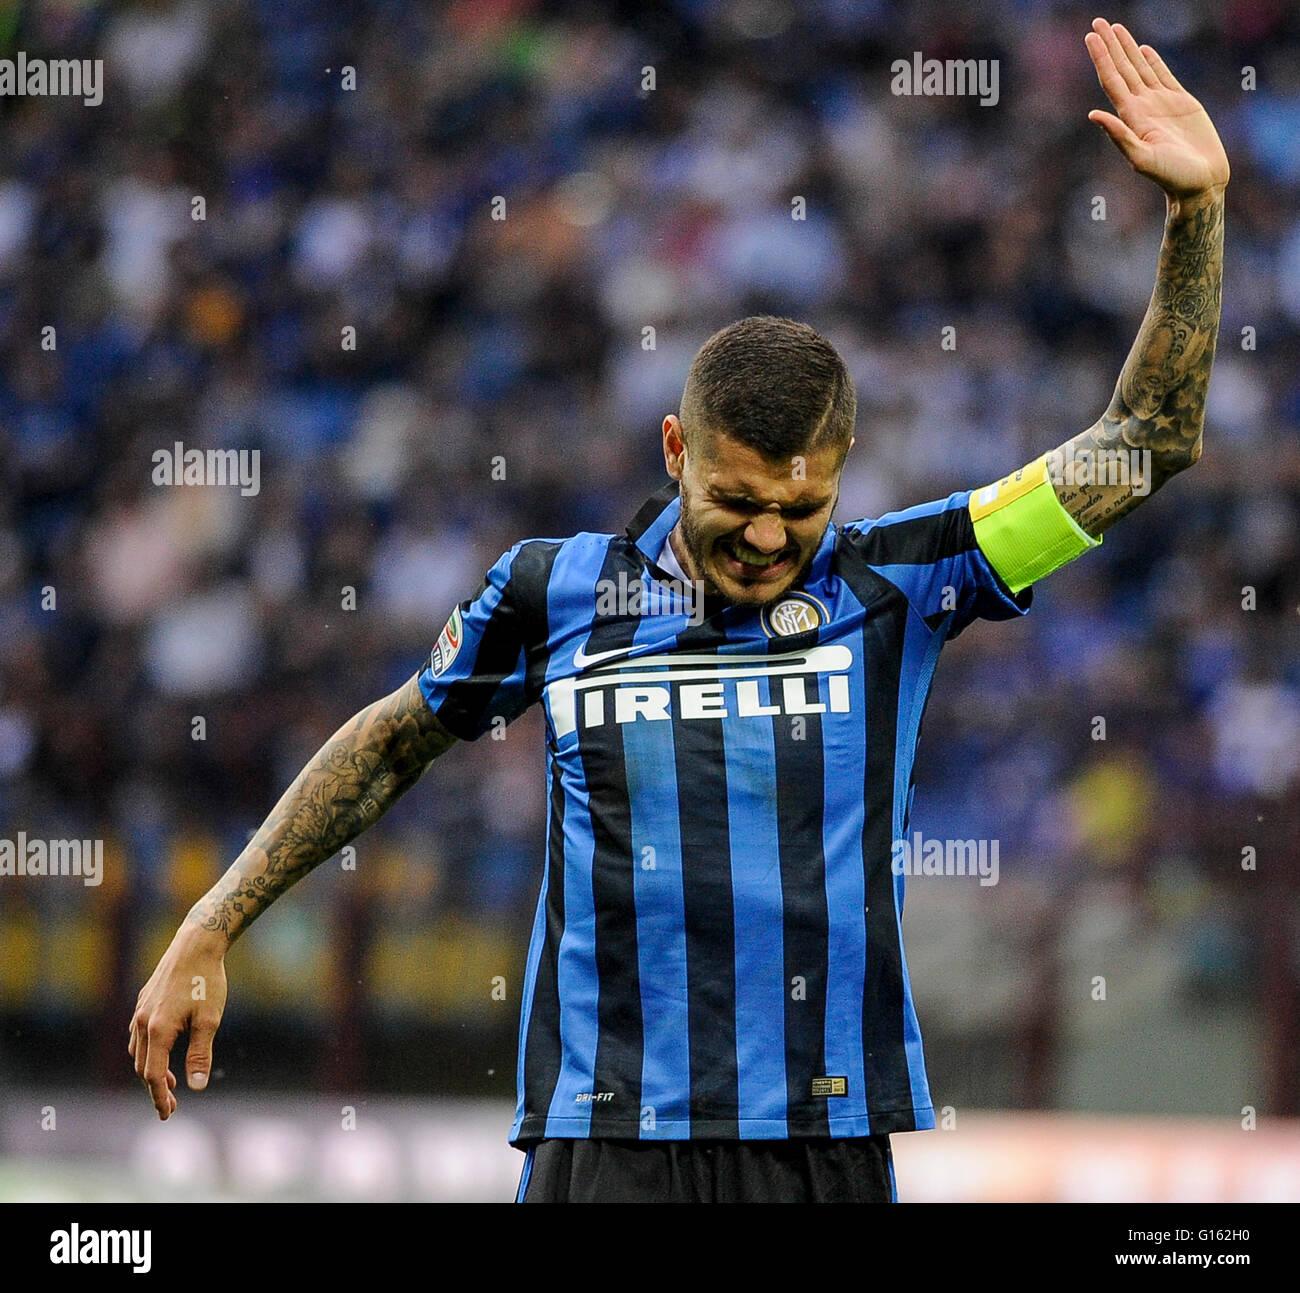 Milan Italie 07th Mai 2016 Mauro Icardi Subit Une Blessure Au Cours De La Serie D Un Match De Football Entre L Internazionale Fc Et Fc D Empoli Internazionale Fc Gagne 2 1 Sur Empoli Fc C